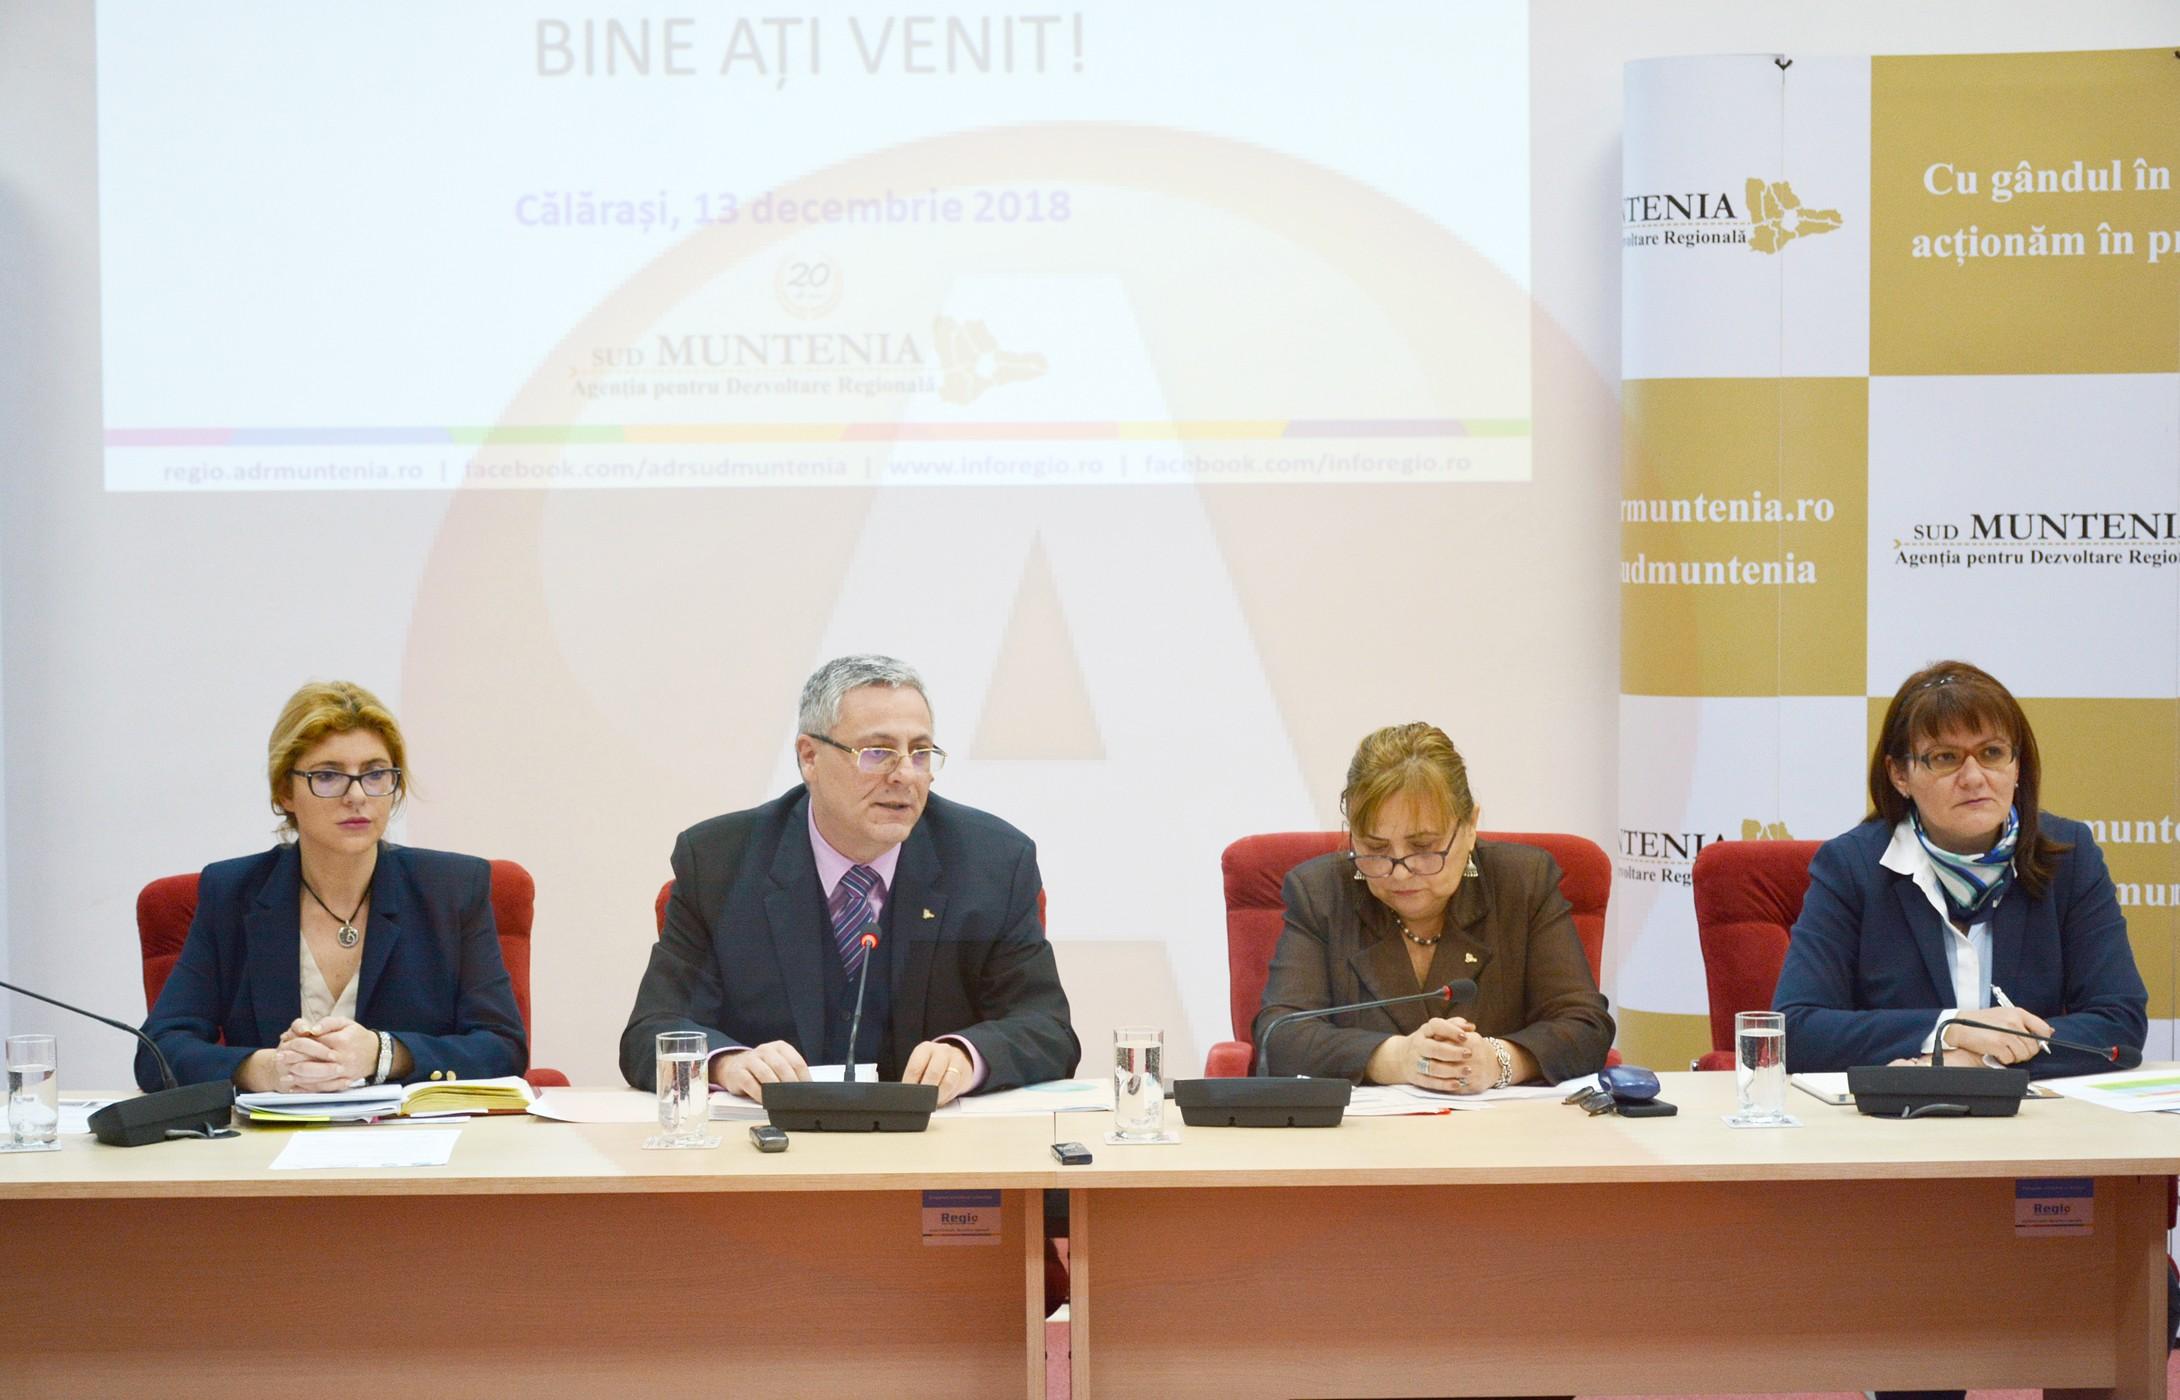 Peste 1000 de proiecte cu finanţare europeană depuse la nivelul Regiunii Sud Muntenia